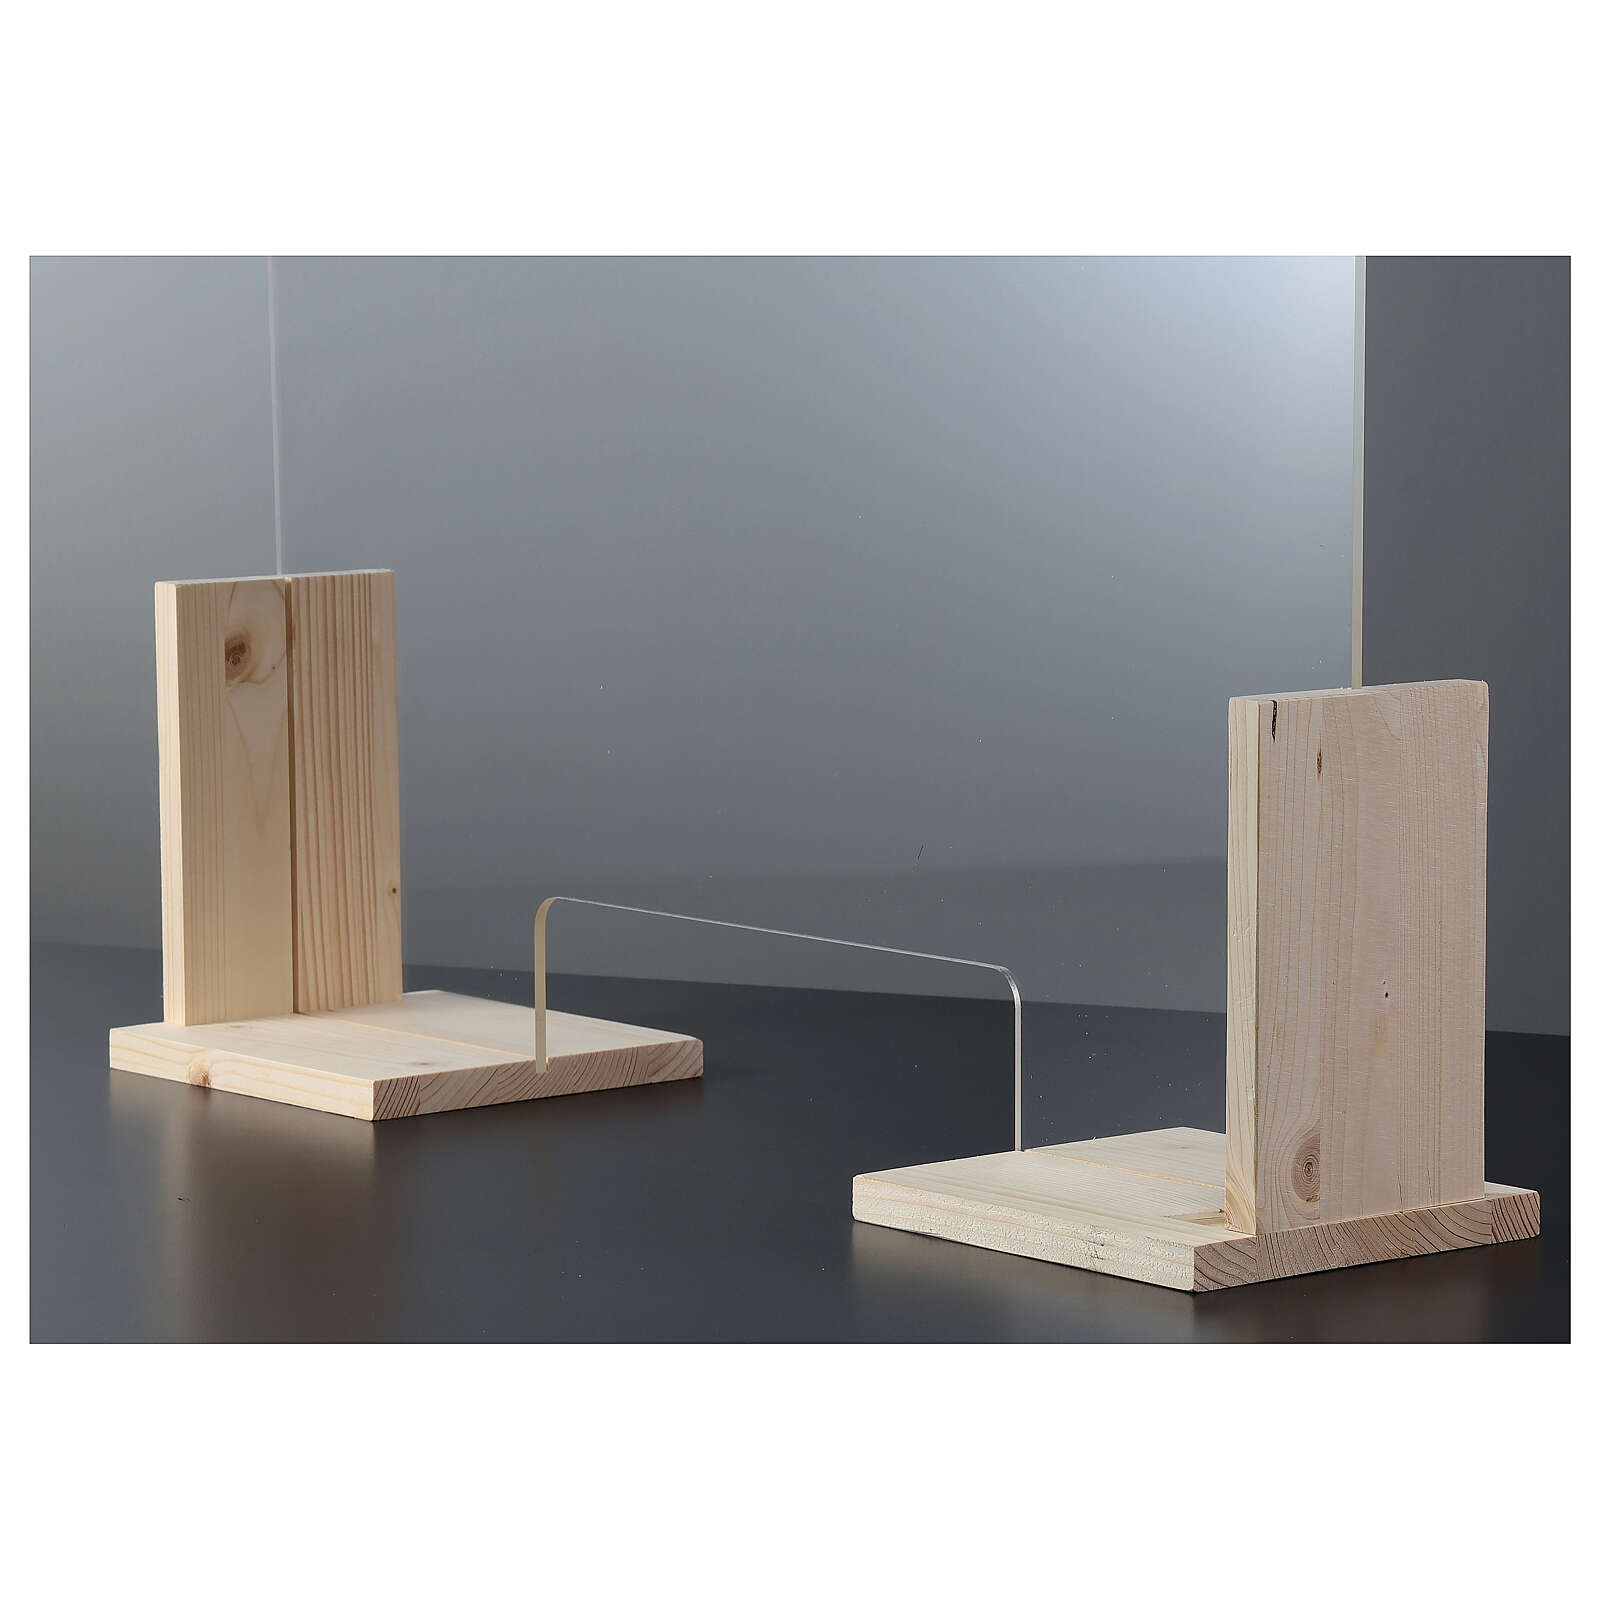 Bariera ochronna Linia Wood h 50x70 i okno h 8x32 3